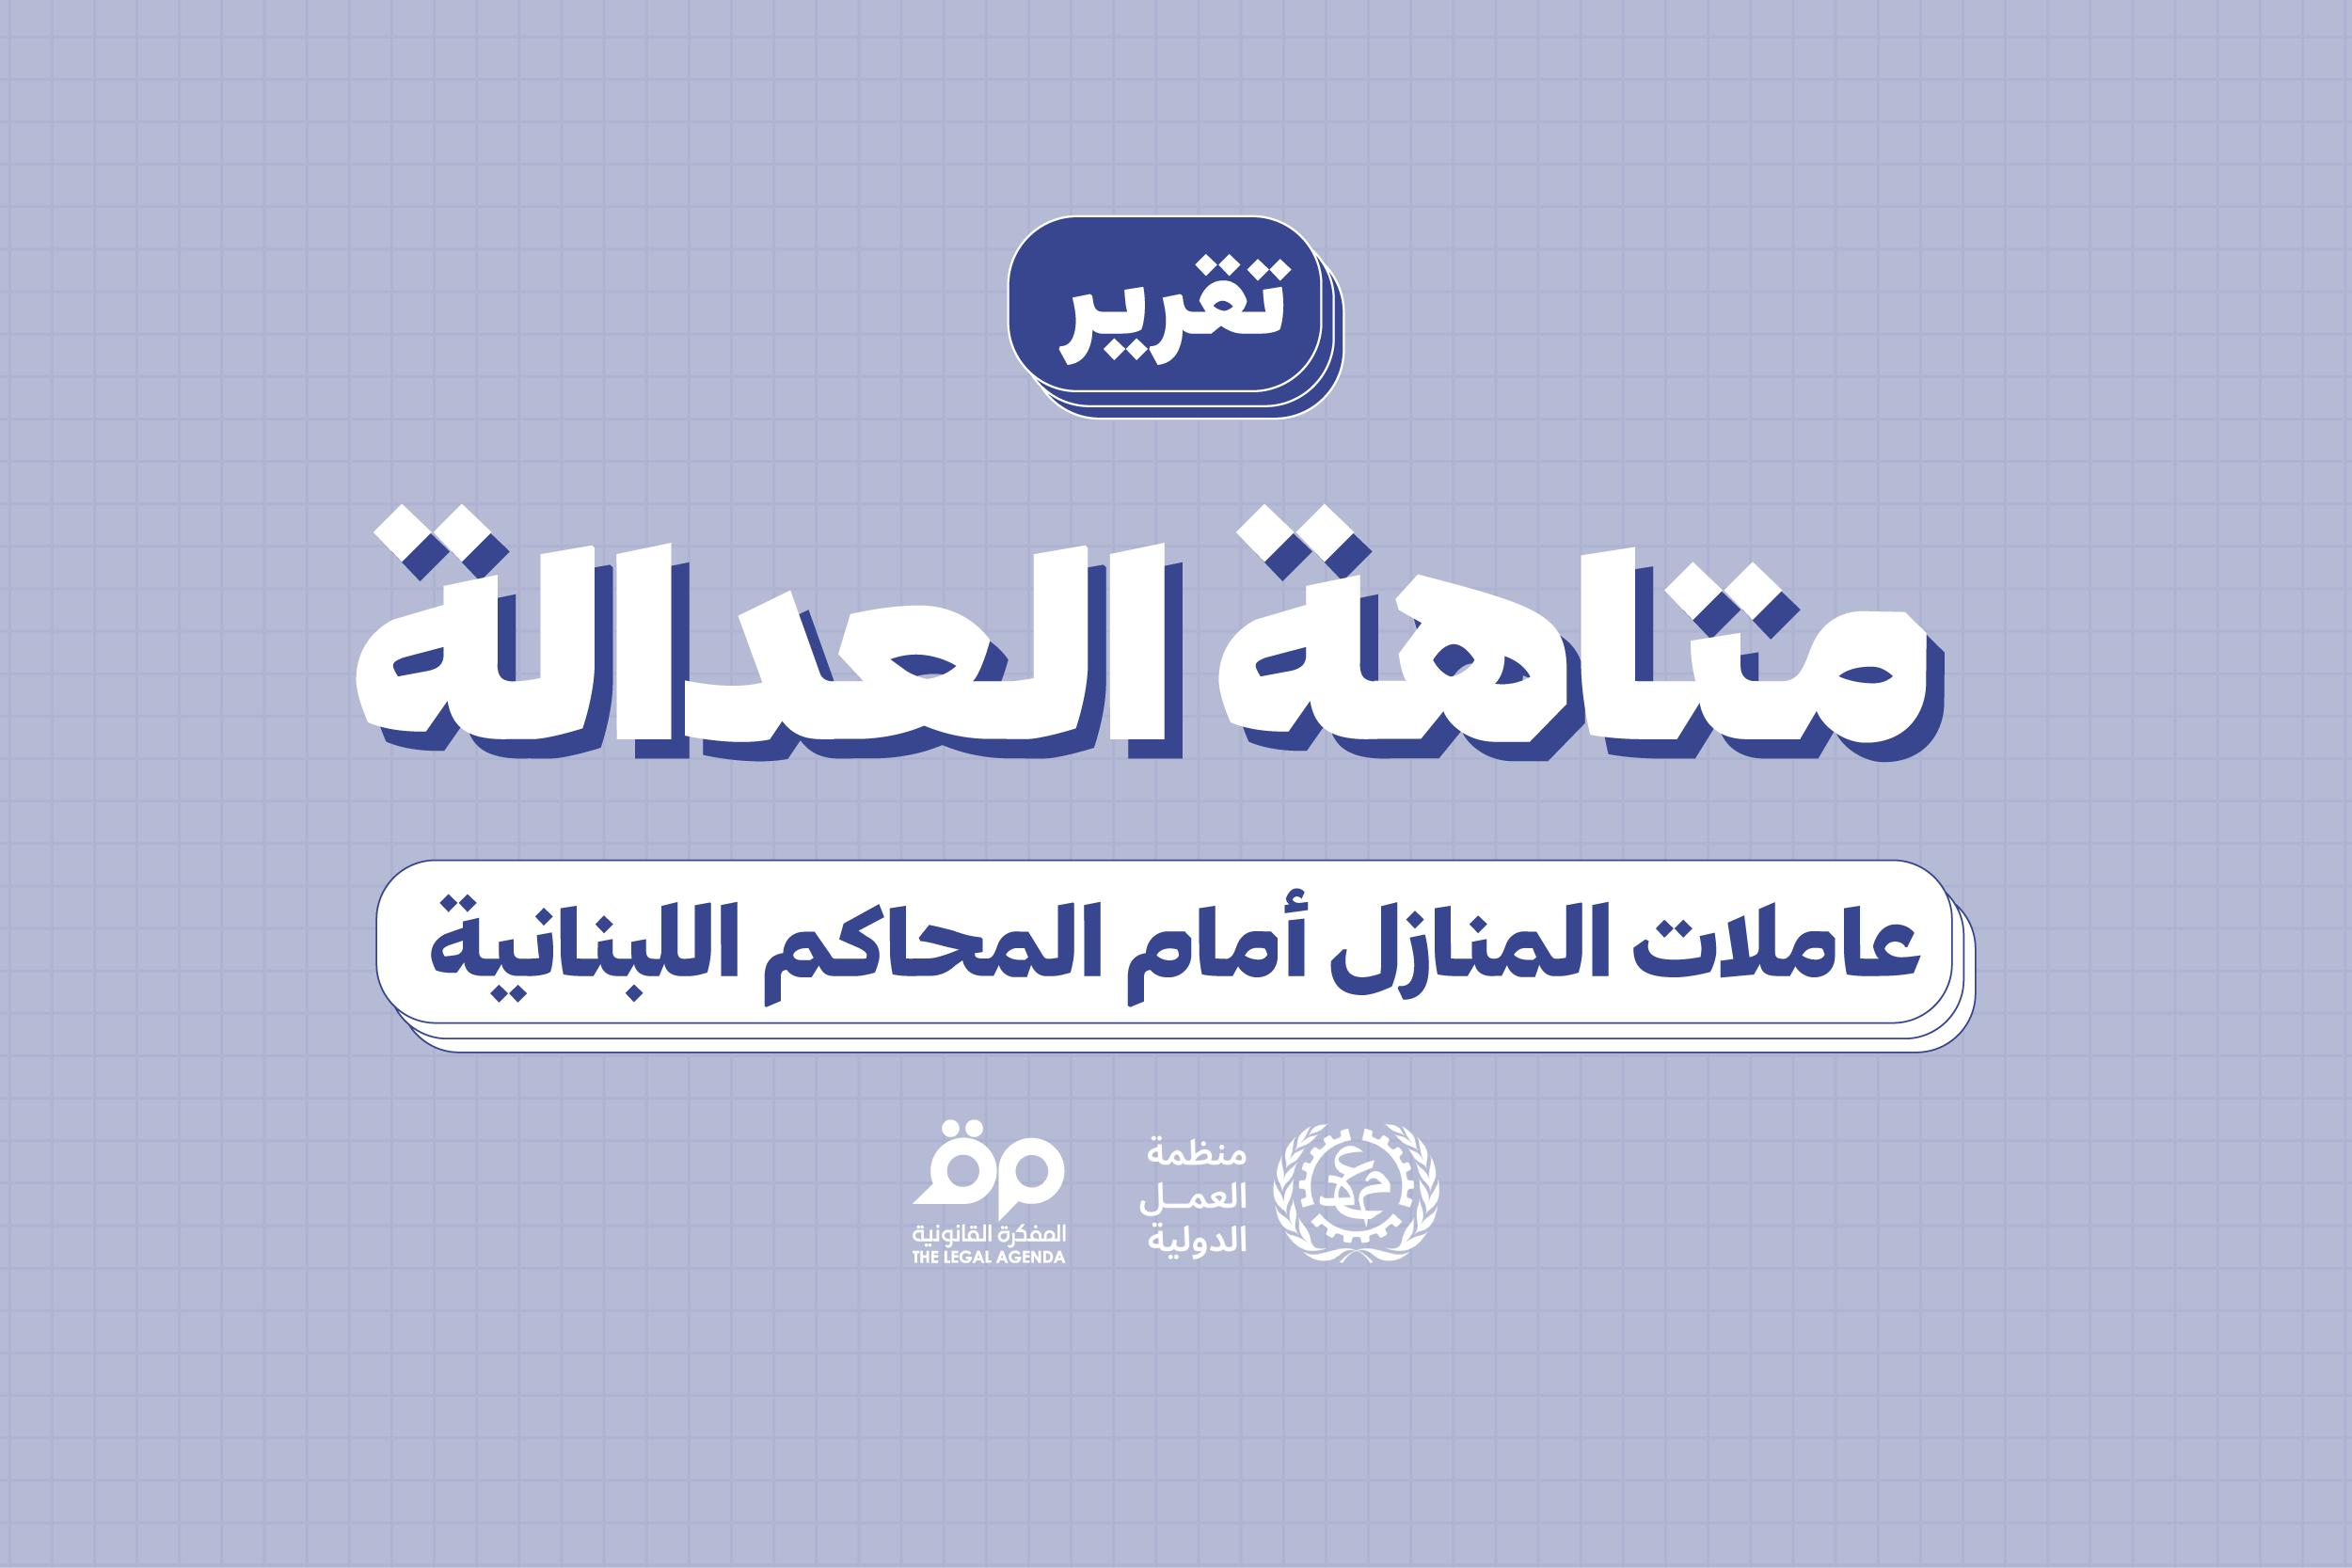 متاهة العدالة: عاملات المنازل أمام المحاكم اللبنانية